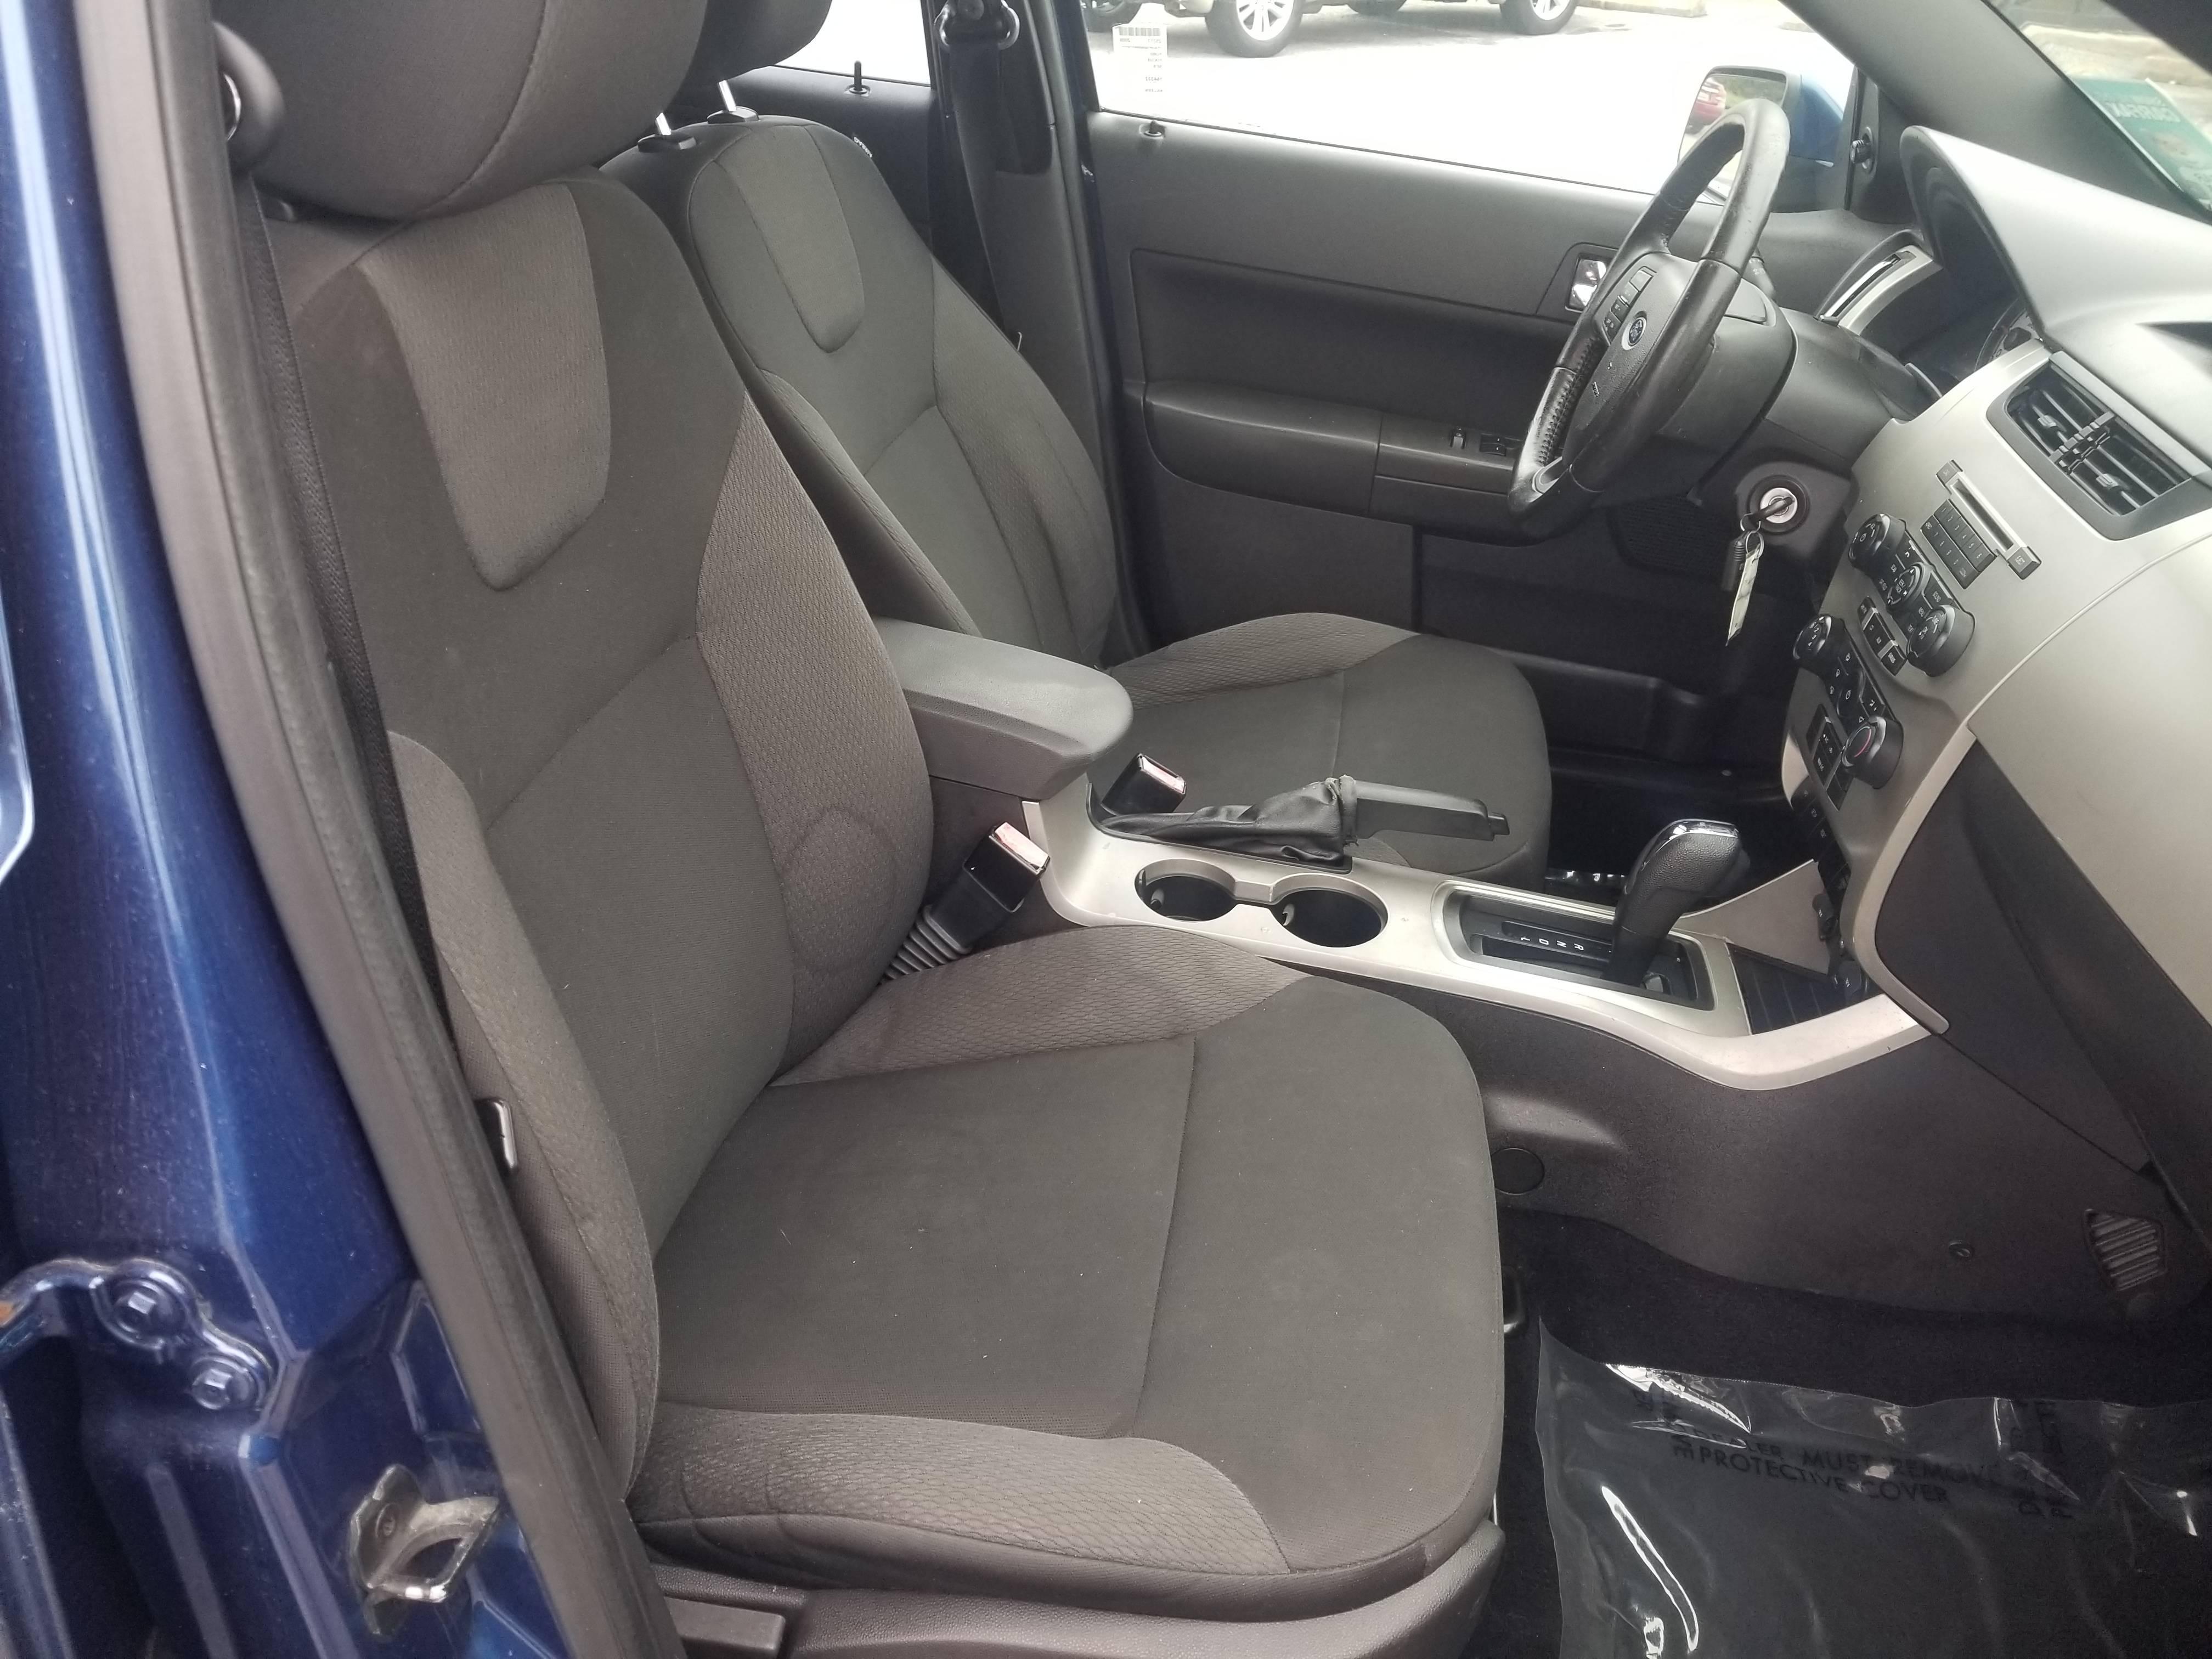 used vehicle - Sedan FORD FOCUS 2009